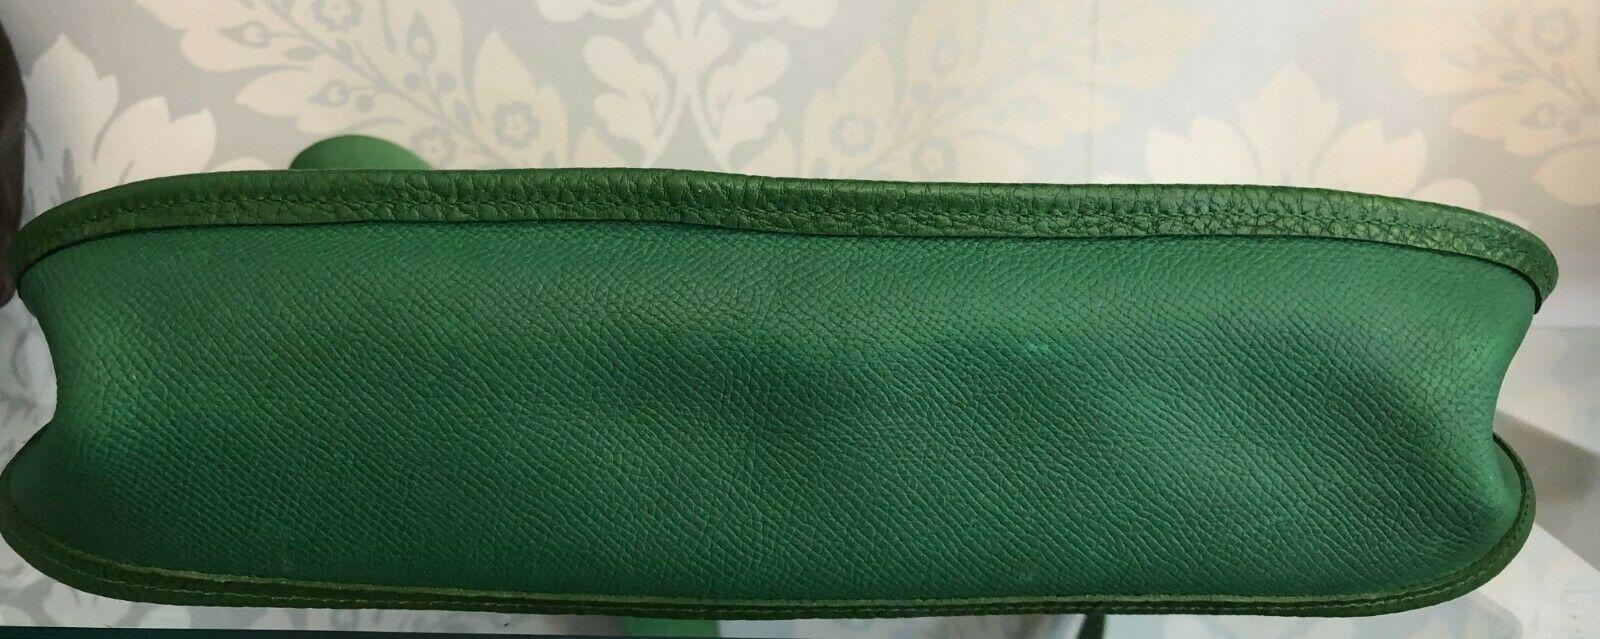 """HERMES Green Classic """"EVELYNE GM"""" Leather Tote/Shoulder Bag $$$$ image 4"""